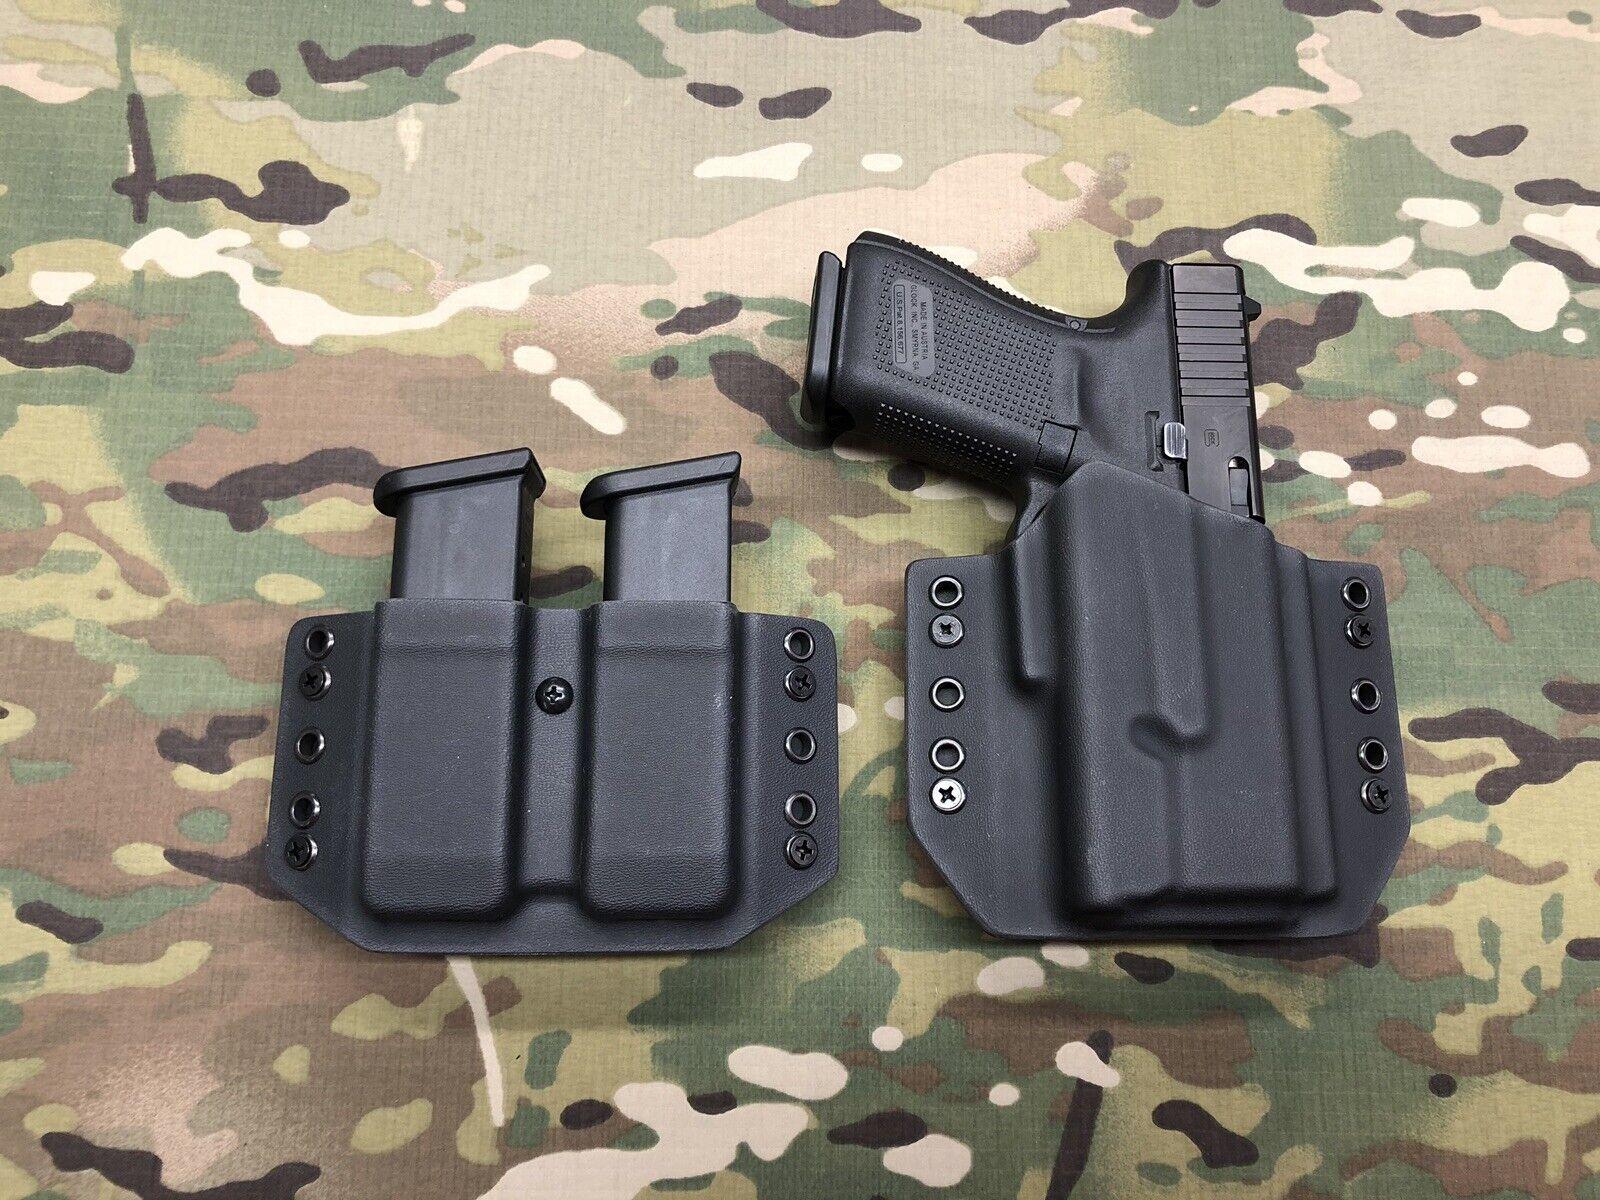 Negro Funda De Kydex Glock 19 GEN5 Surefire XC1 & Doble Mag portador